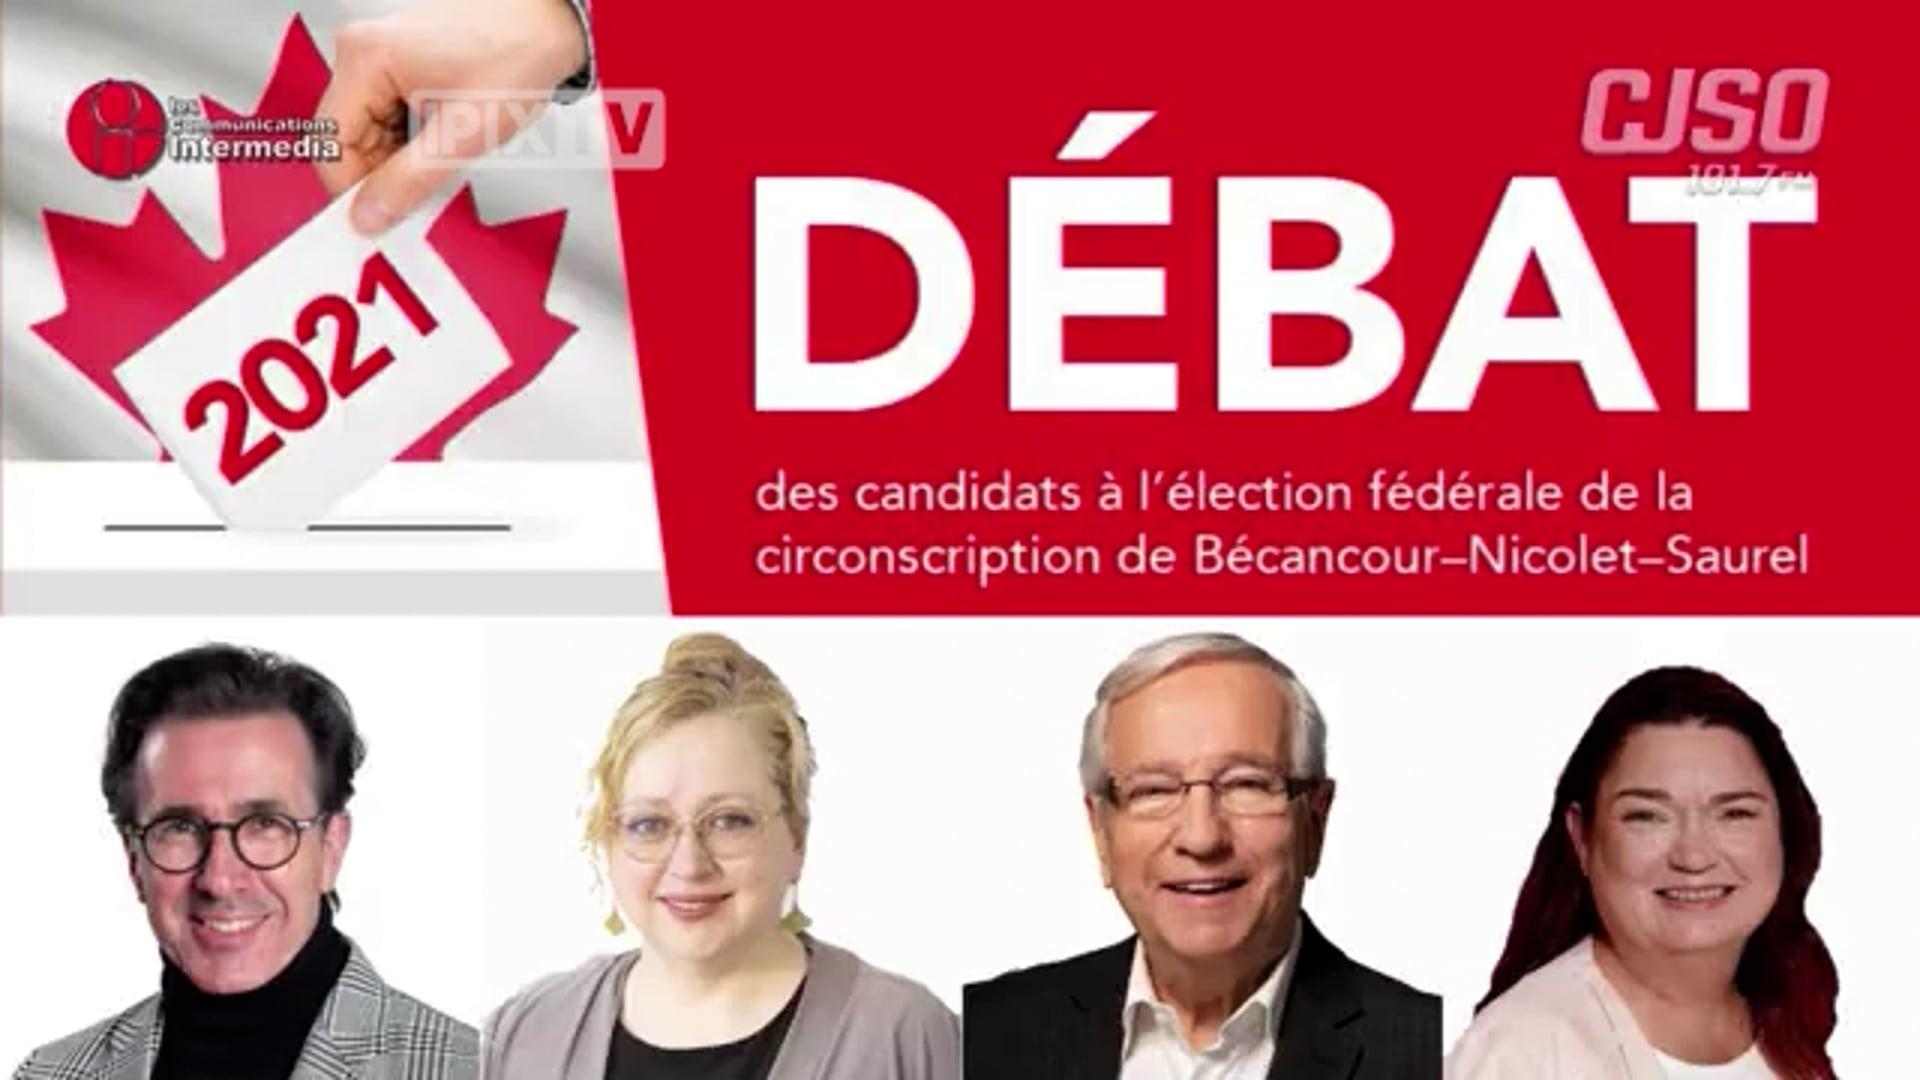 Débat Bécancour-Nicolet-Saurel 2021